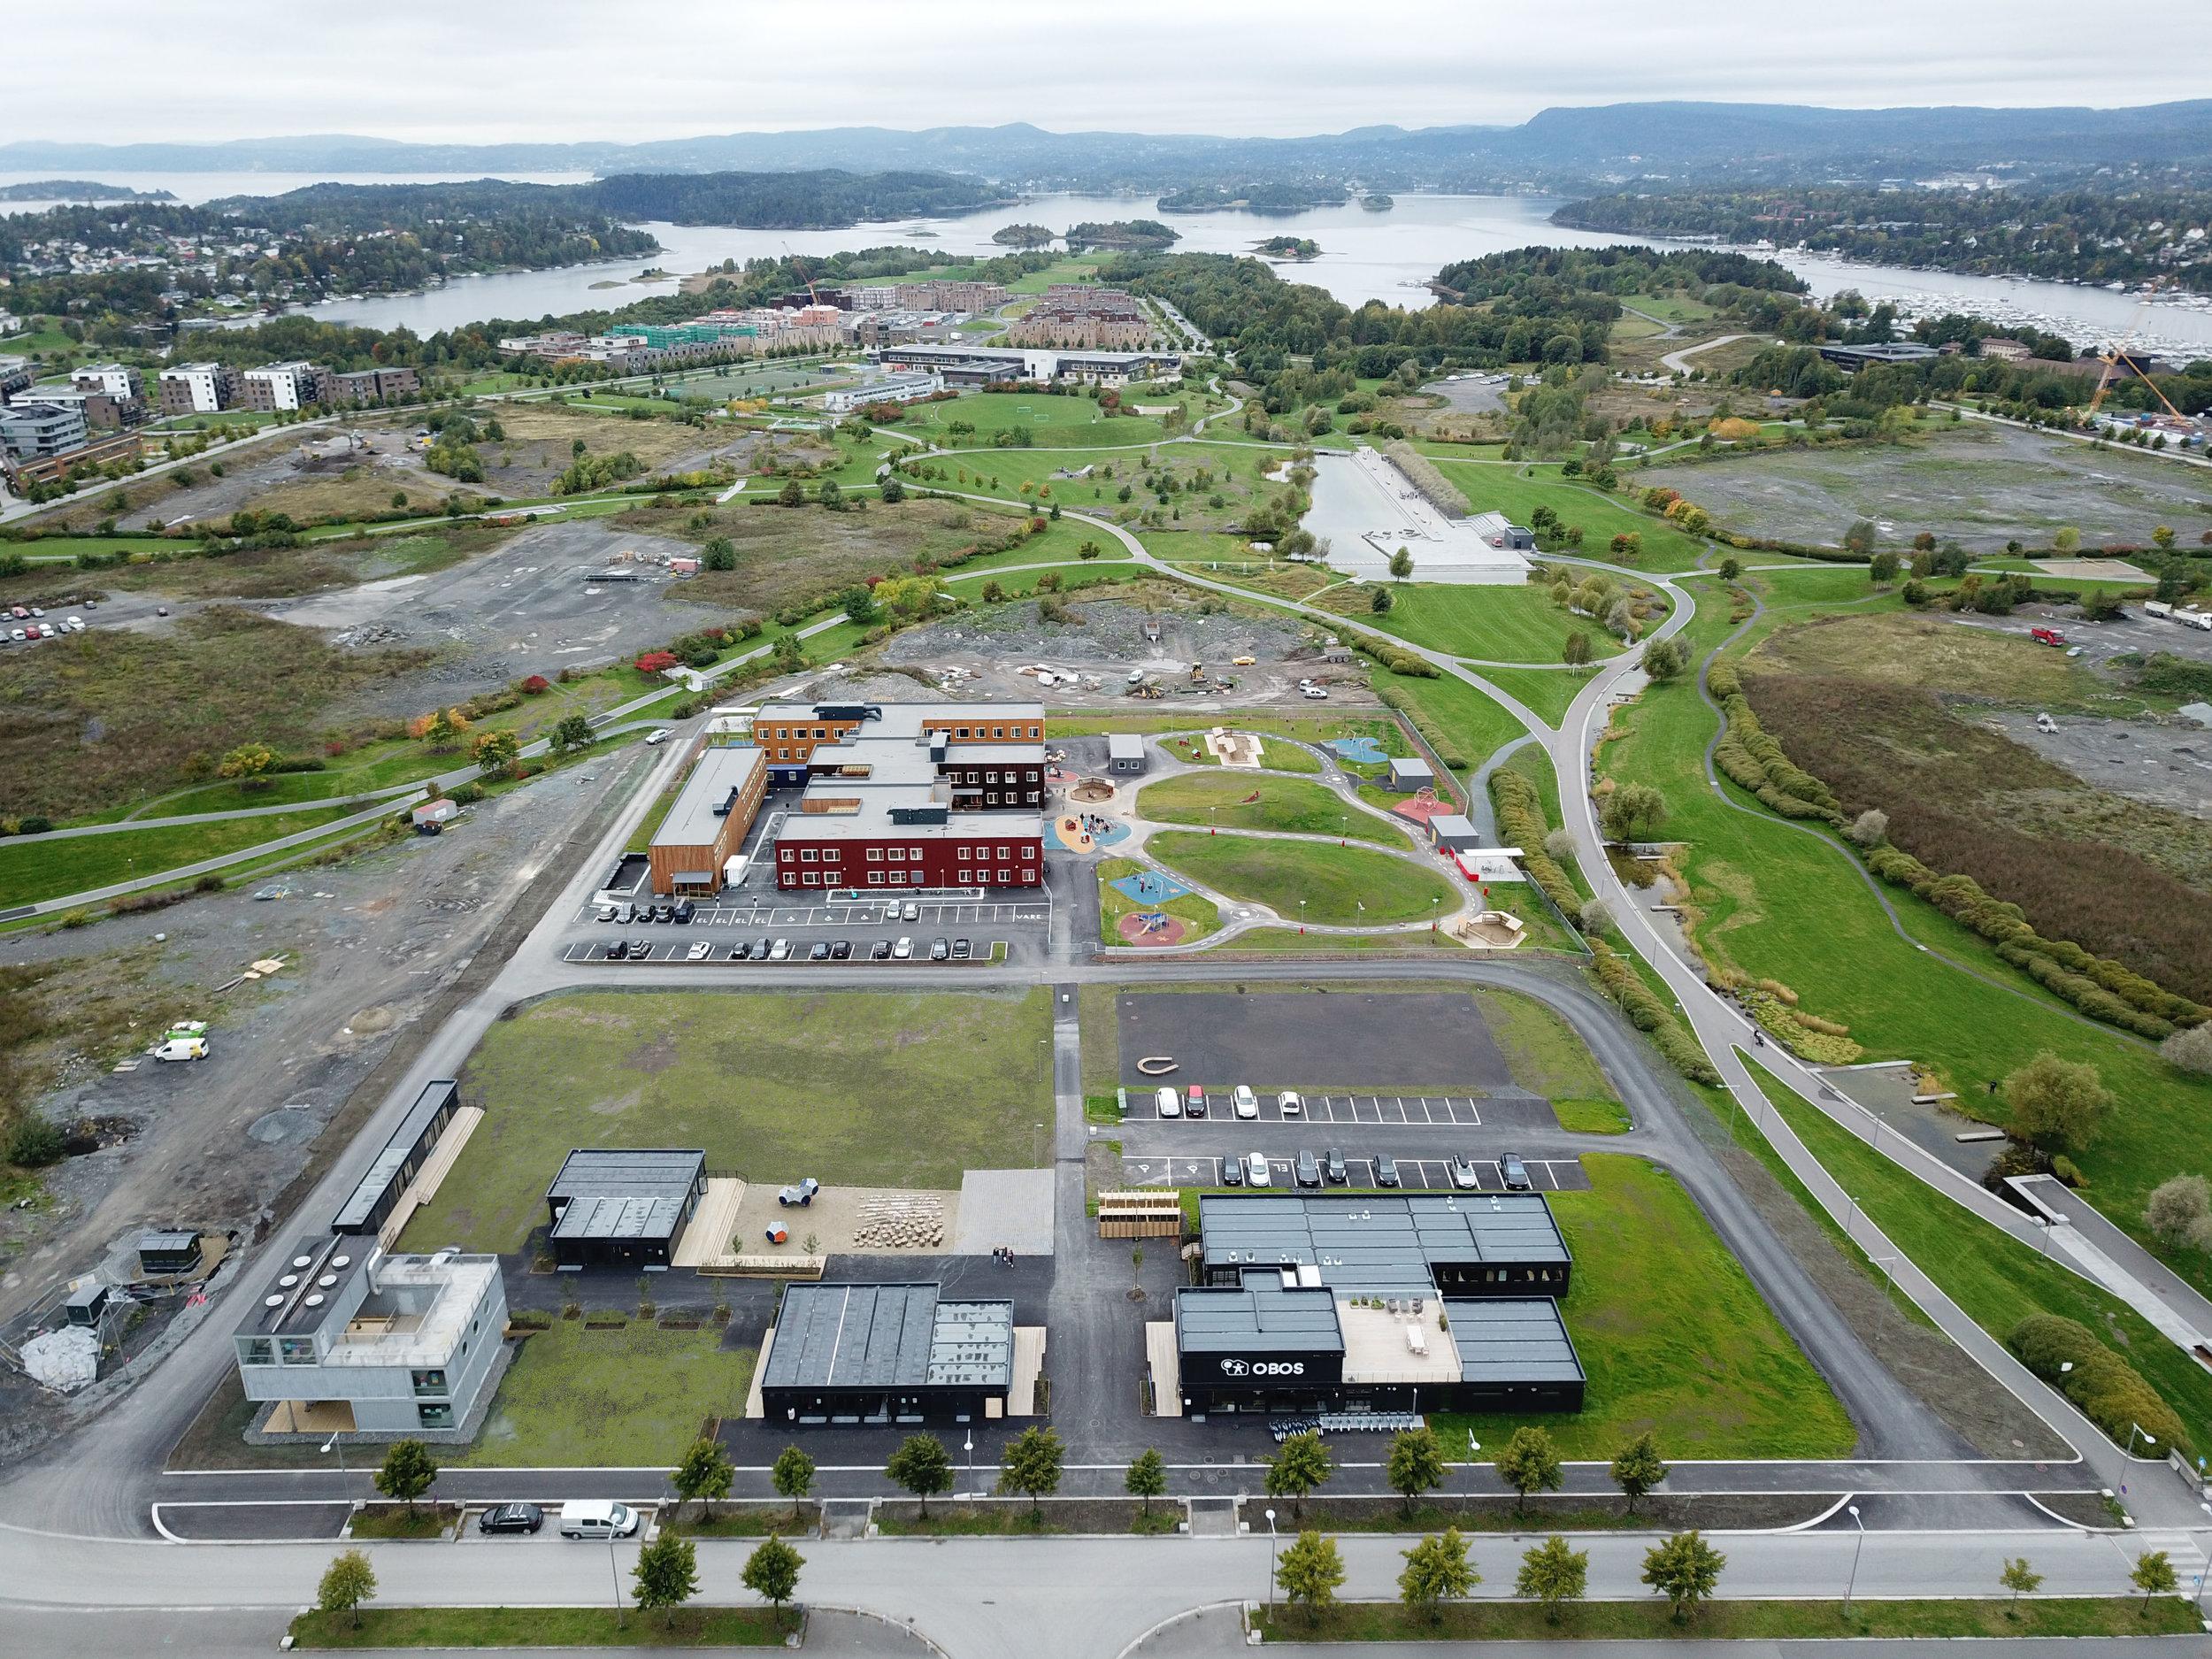 Drone Fornebu.jpg